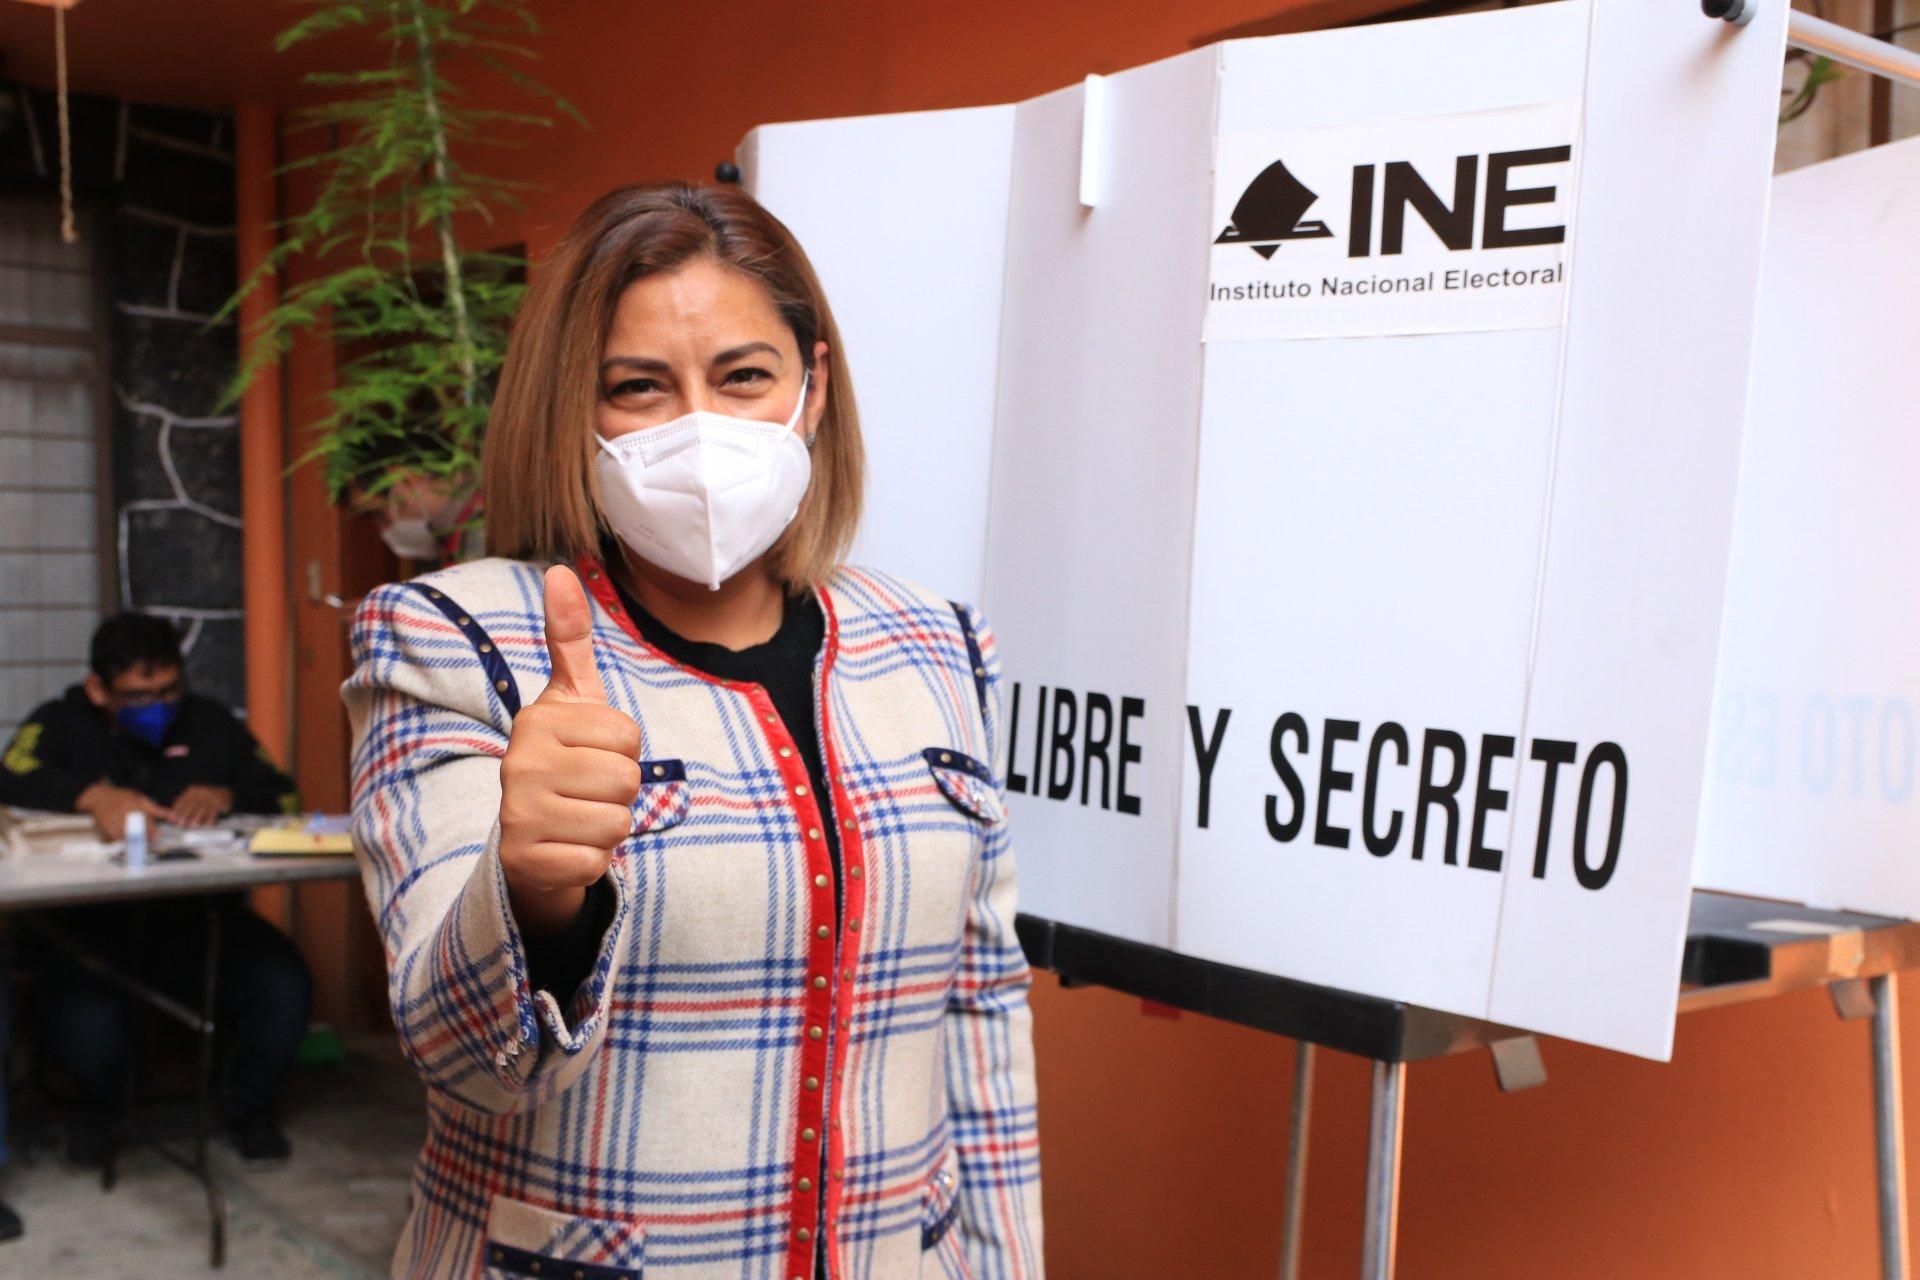 Alfa González toma ventaja en Tlalpan